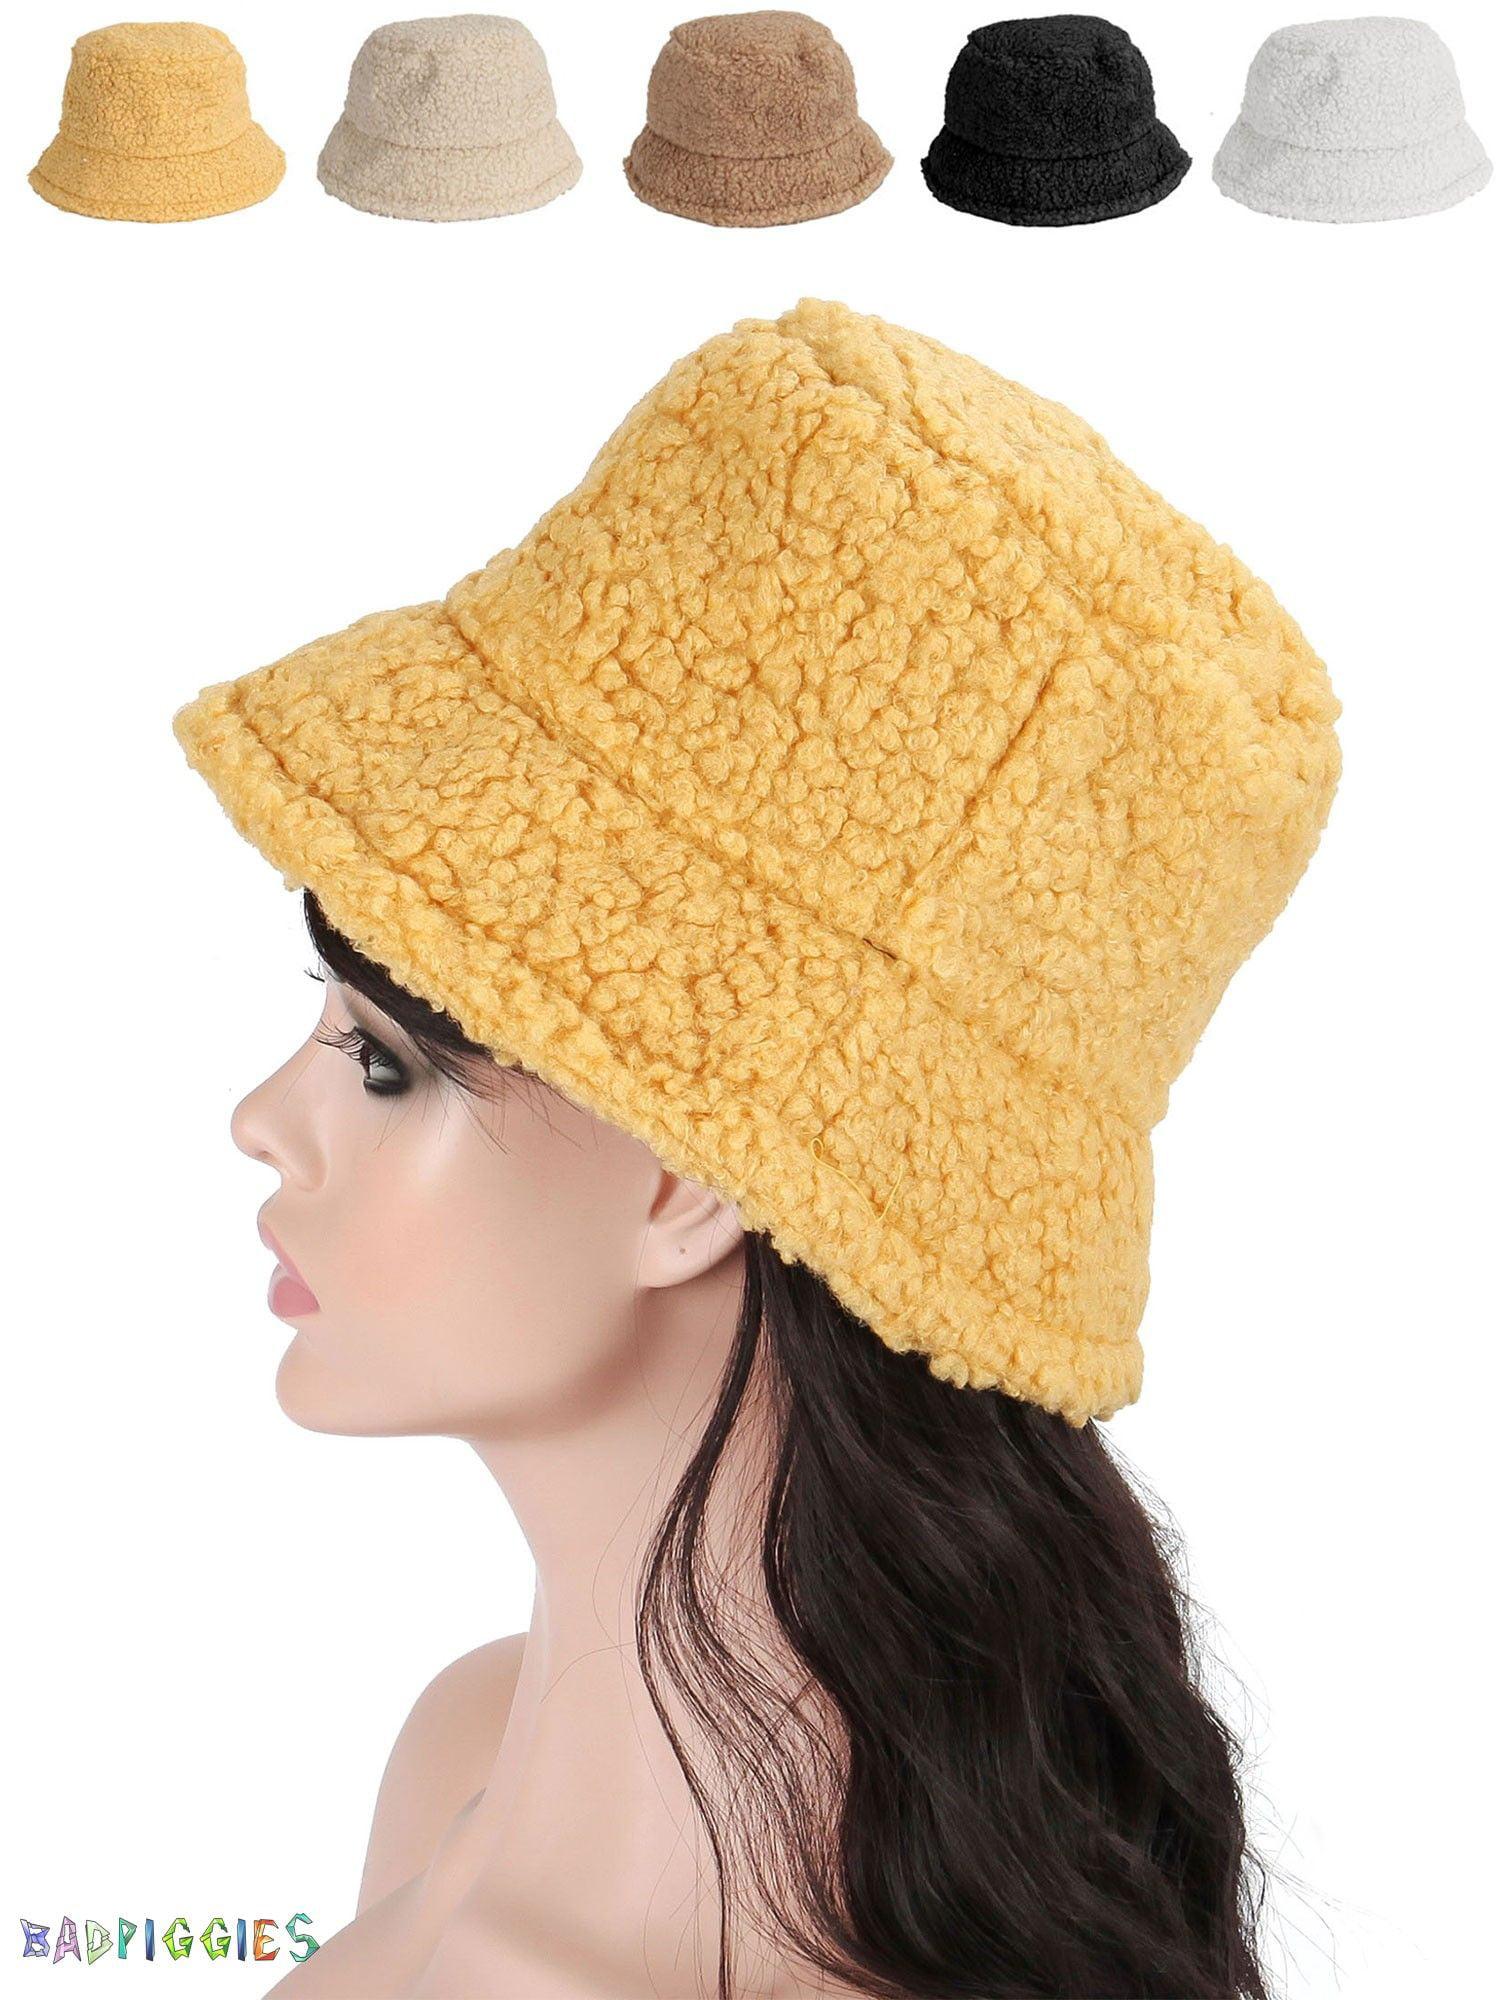 Bad Piggies Badpiggies Women Winter Bucket Hat Adjustable Vintage Cloche Hats Warm Faux Fur Wool Outdoor Fisherman Cap Yellow Walmart Com Walmart Com